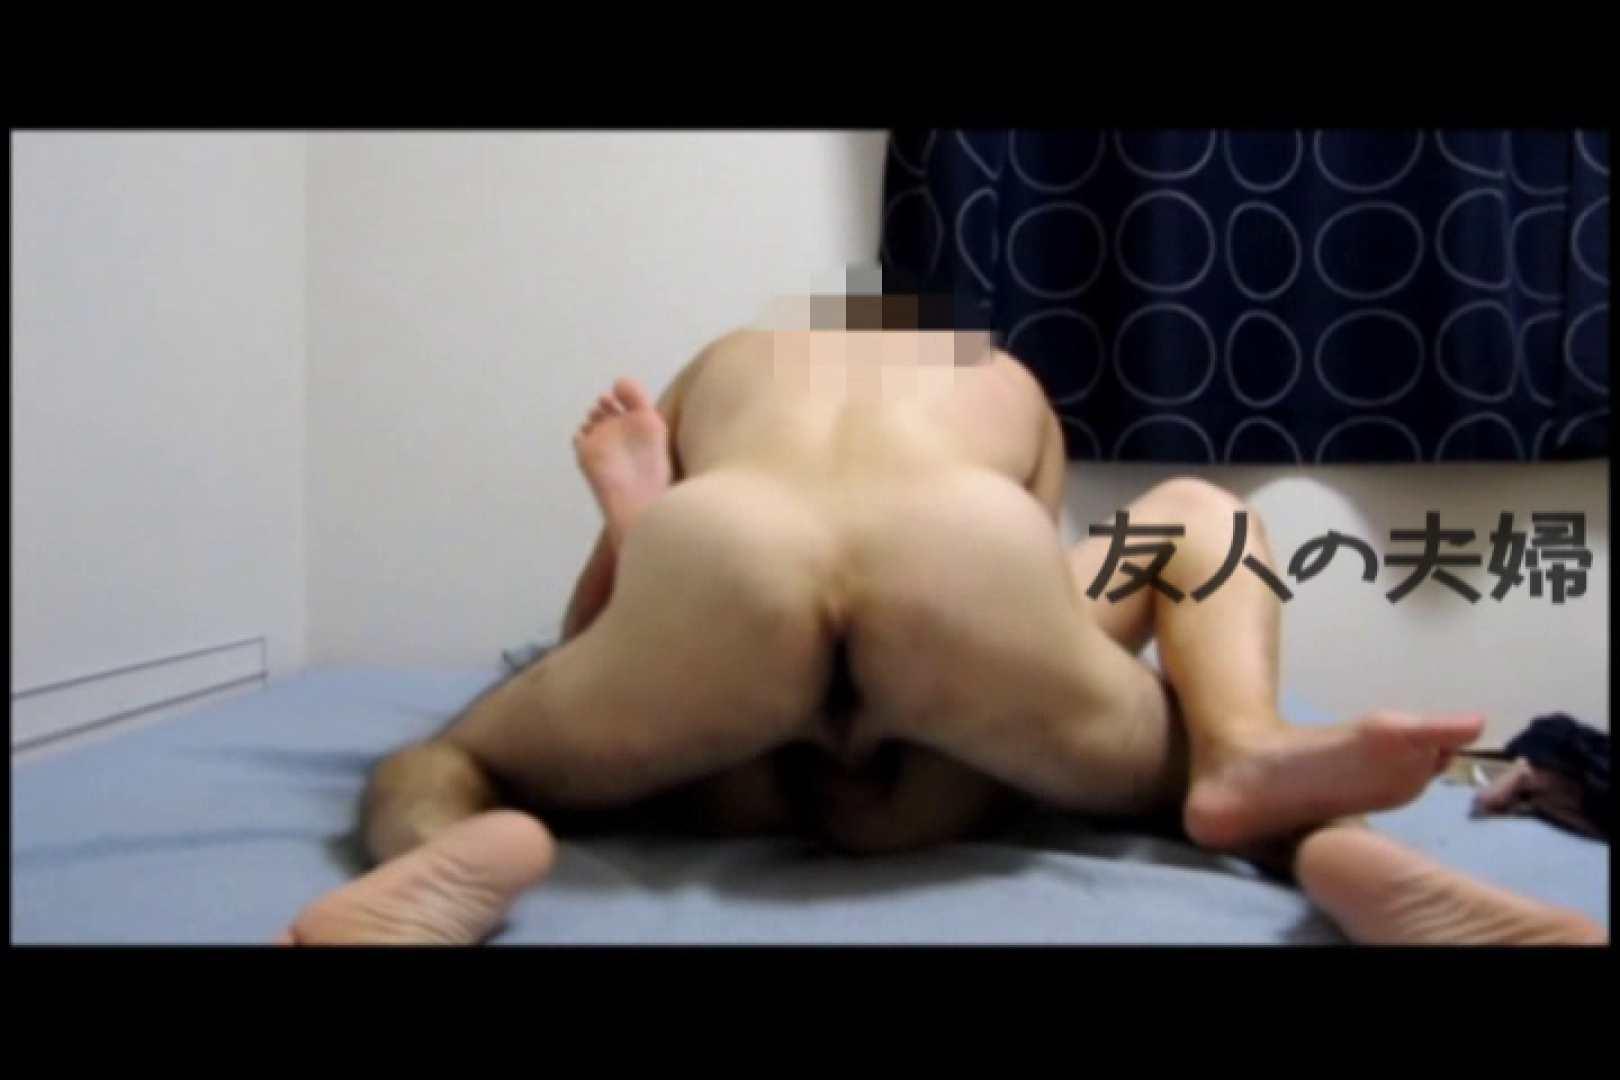 友人夫婦のSEX 友人の・・・   SEX映像  101pic 101